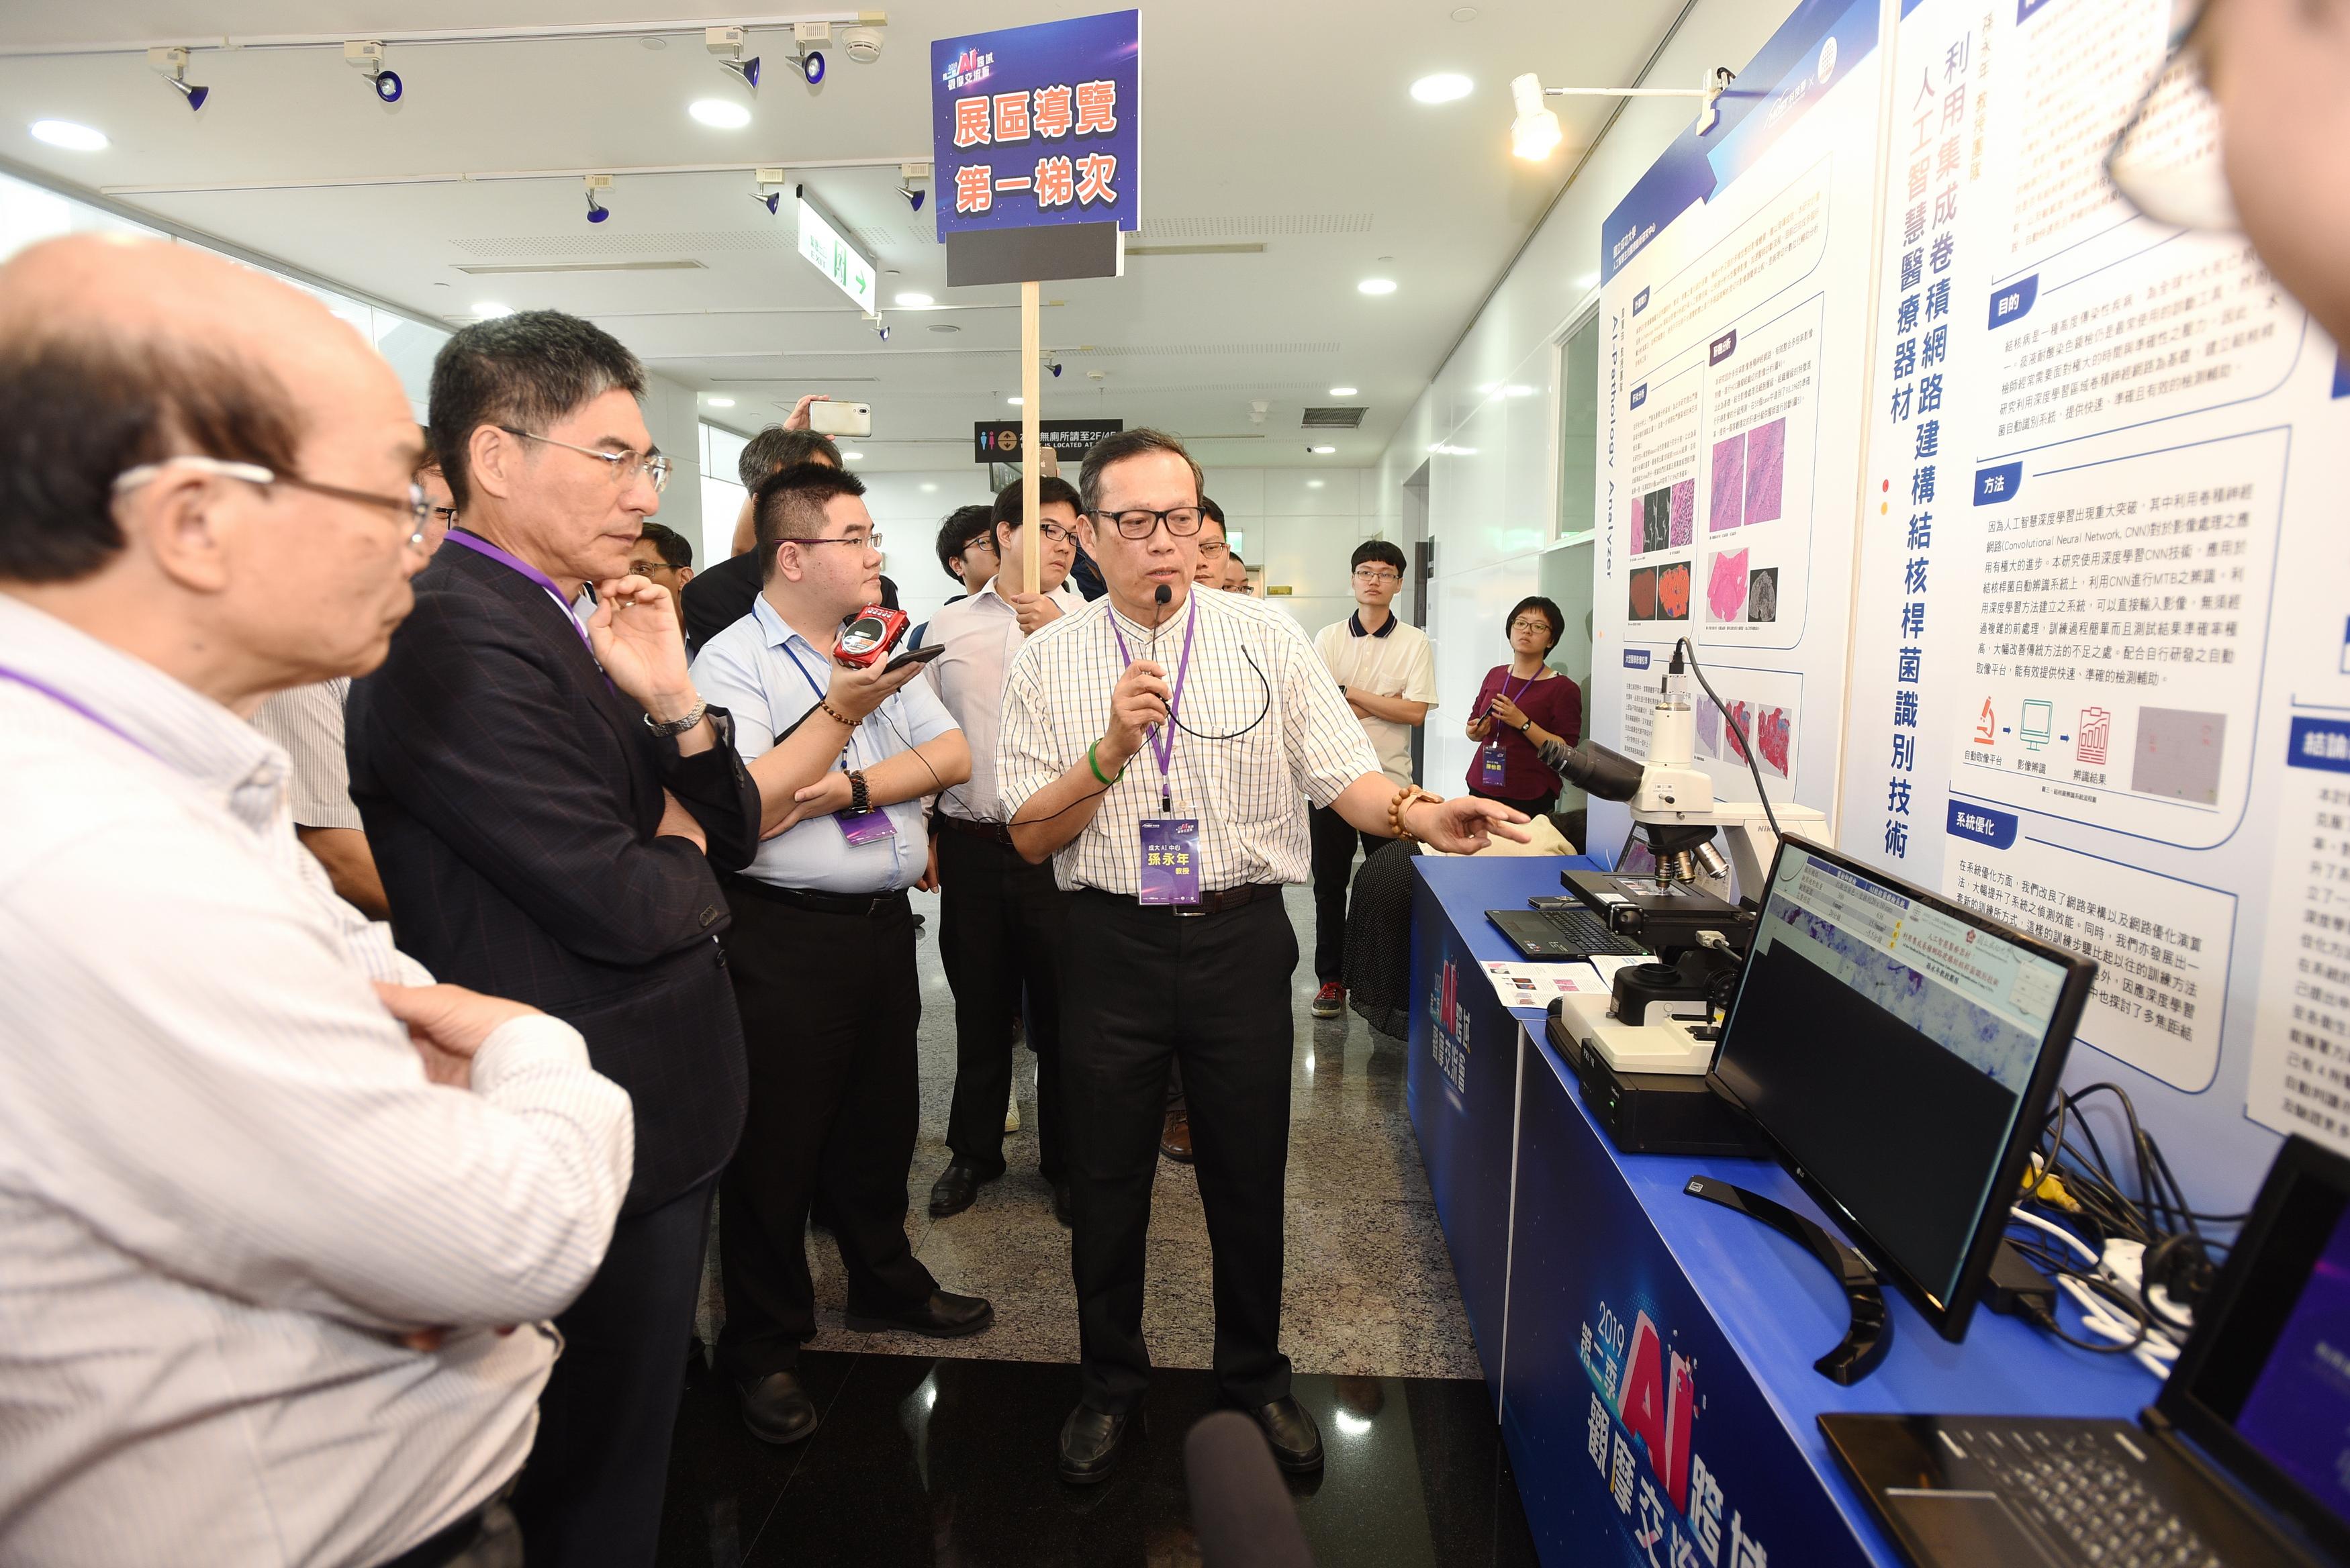 團隊參與展覽展示